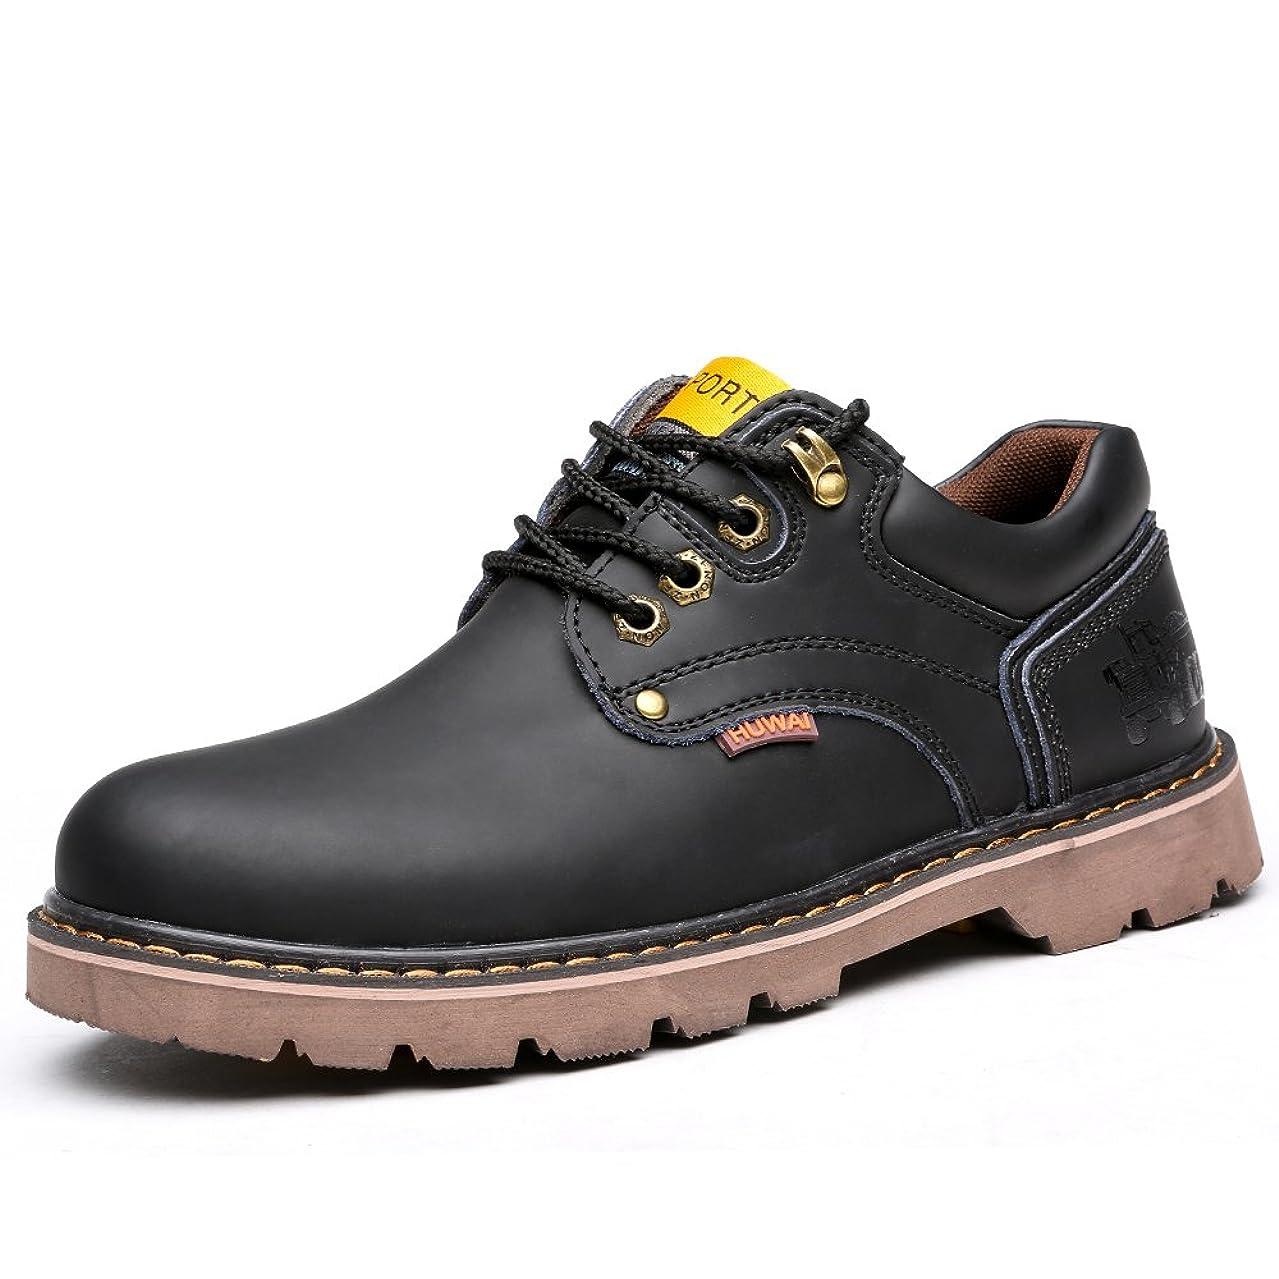 符号取り除くタック[ハンフウ] メンズシューズ レースアップシューズ 安全靴 レースアップ 本革 スーツ 防臭 軽量 流行り 男性用